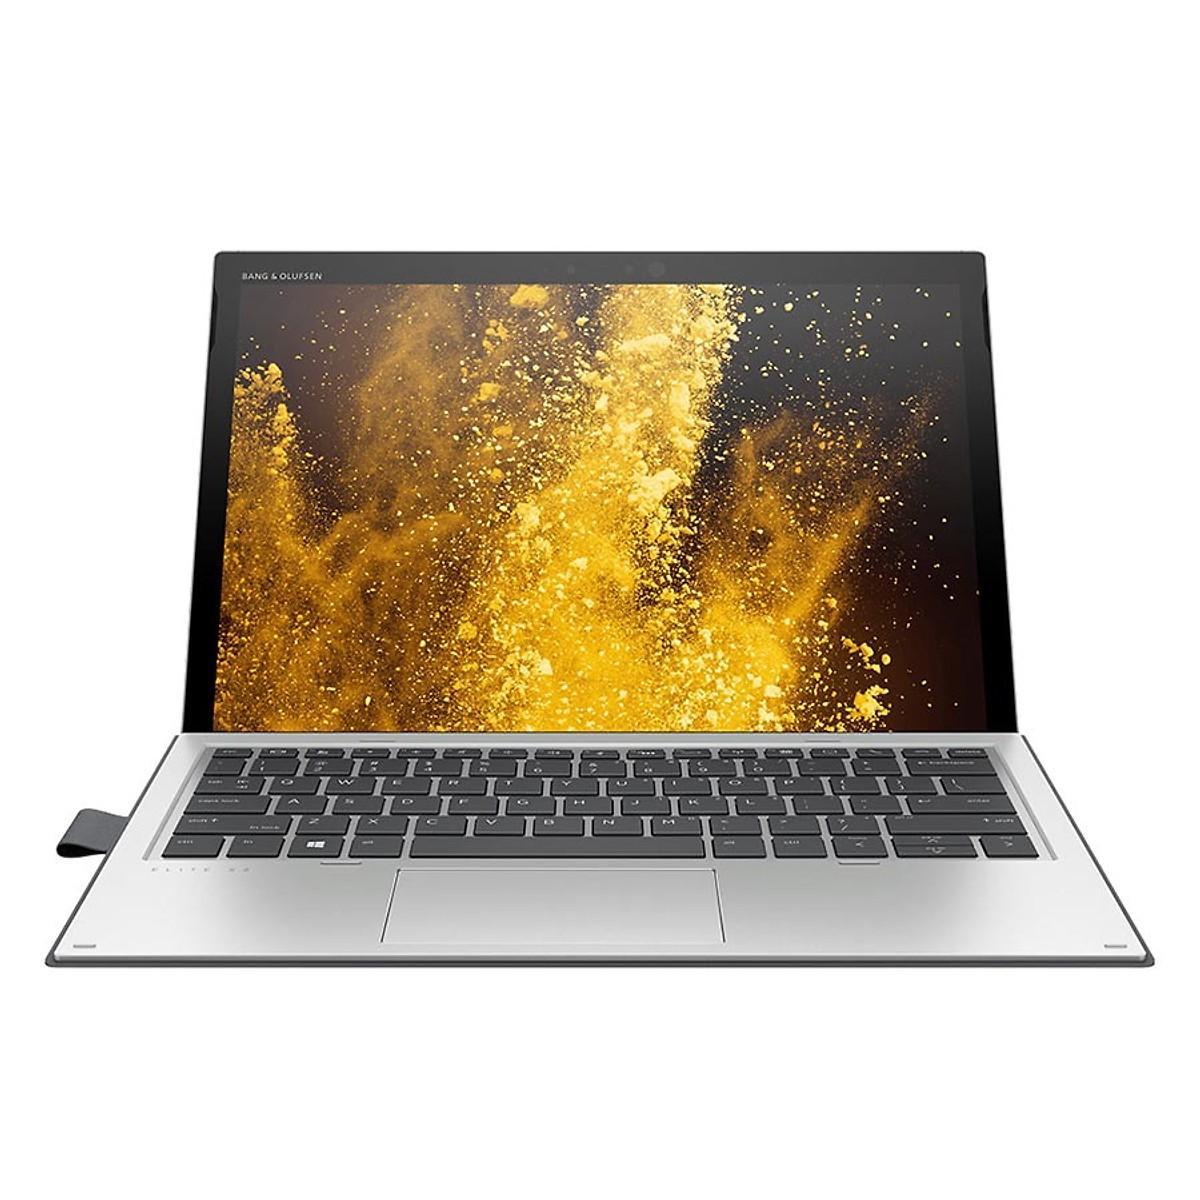 Laptop HP Elitebook x2 1013 G3 5DJ72PA Core i5-8250U hệ điều hành win10 màn hình 13.3inch FHD Touch